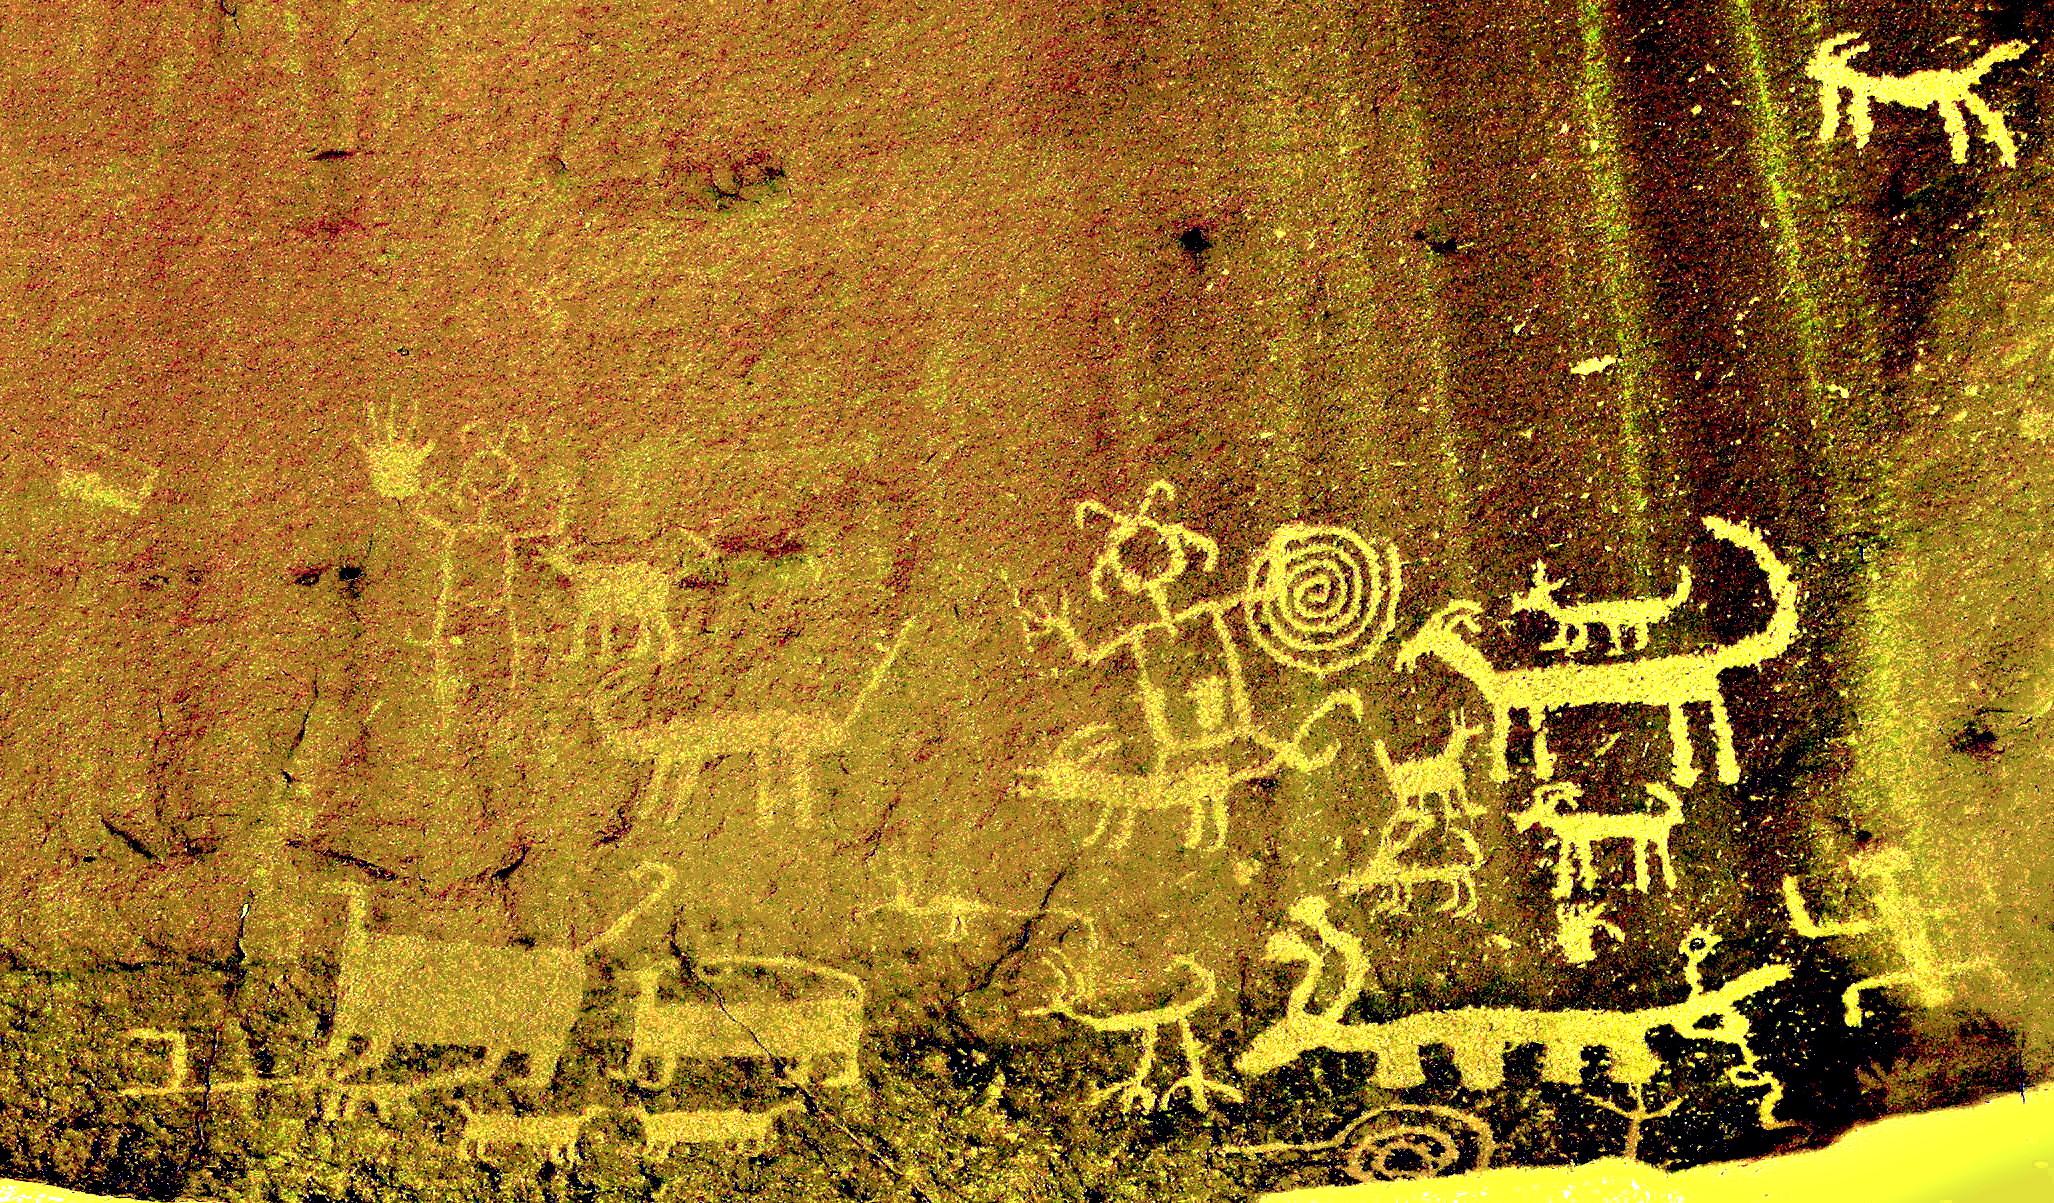 File:Una Vida Chaco Canyon rock art enhanced 2.jpg ...